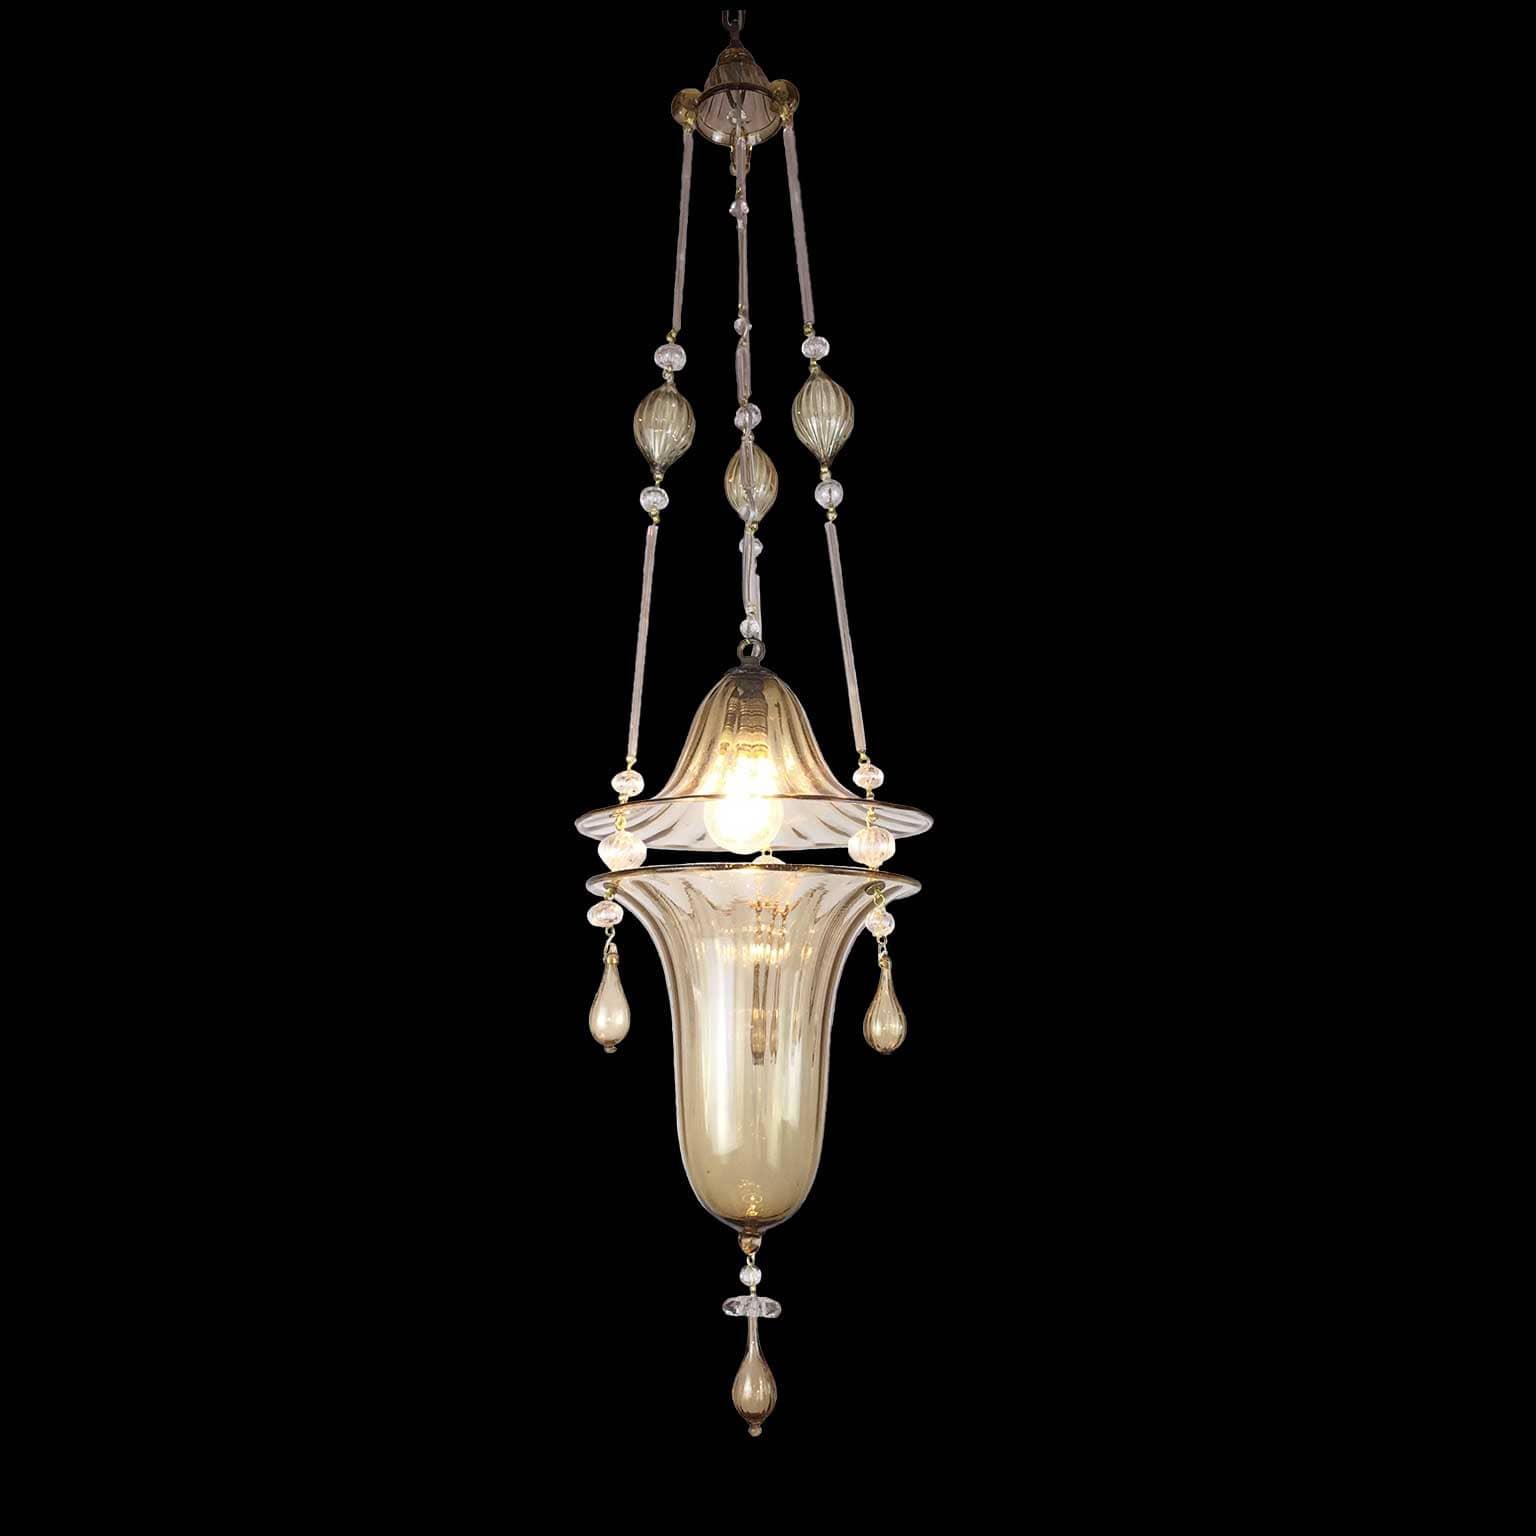 Lampadario in vetro di murano color visone chiaro ad una for Lampadario vetro murano moderni